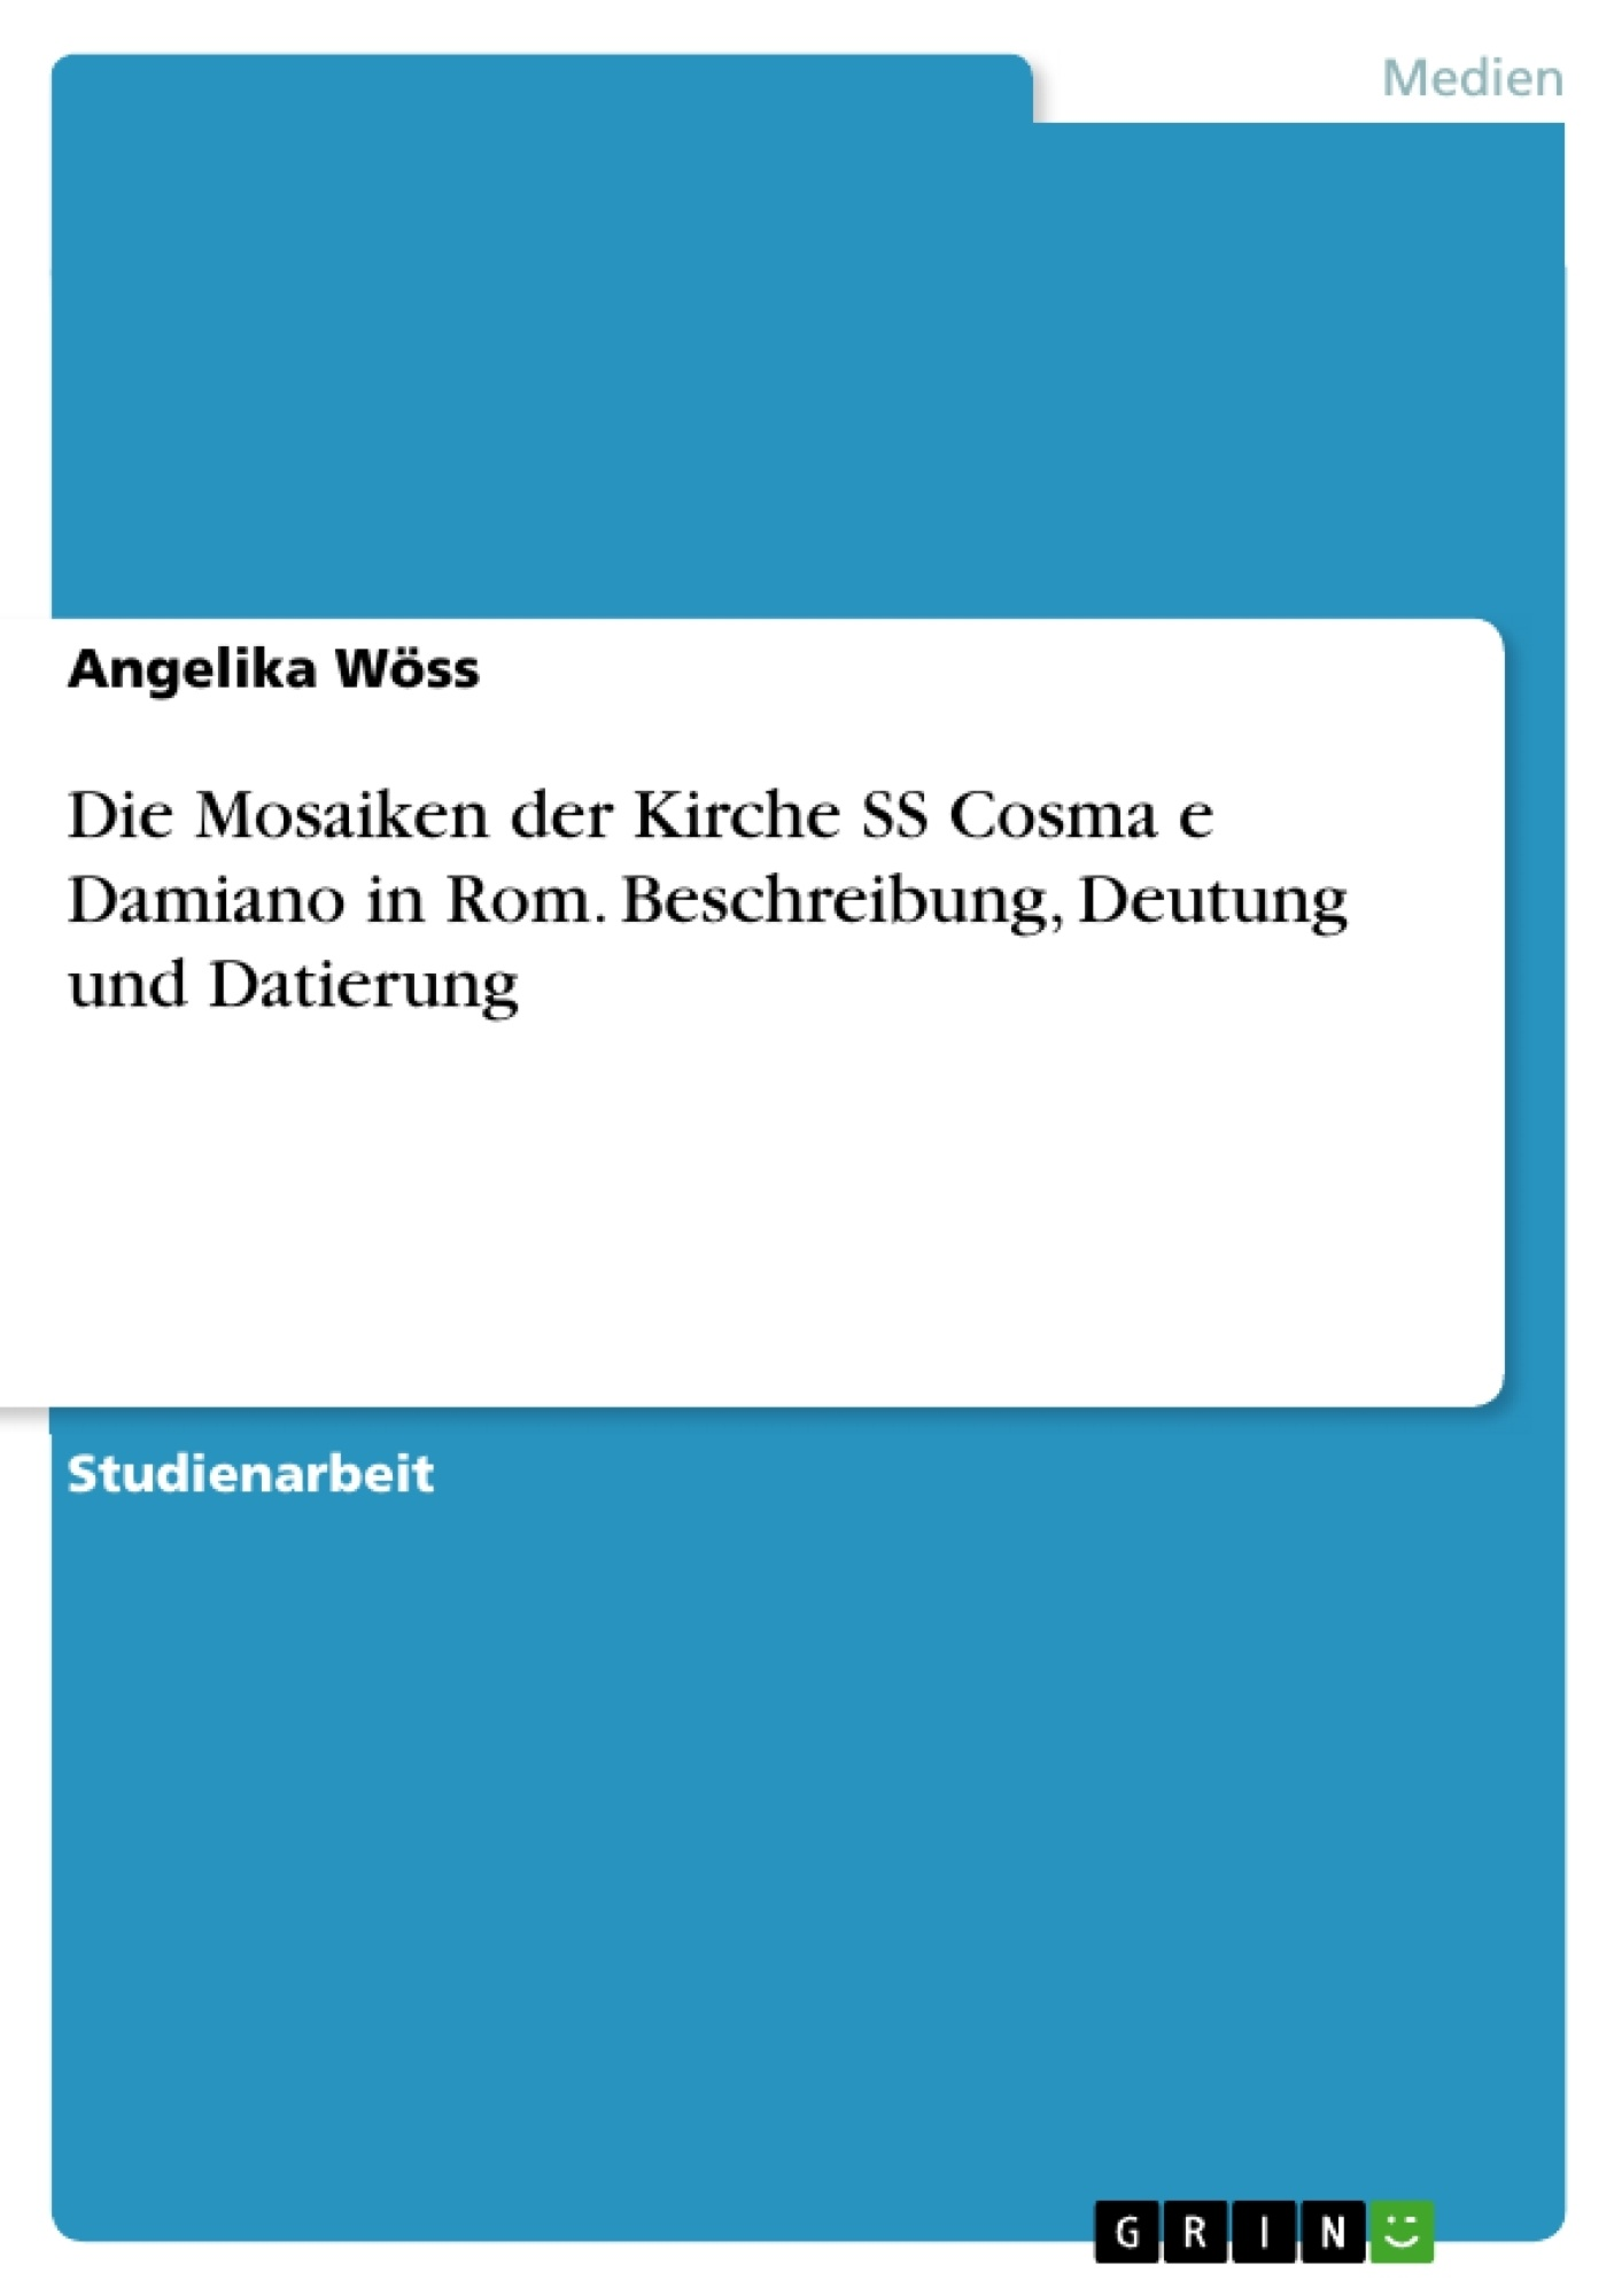 Titel: Die Mosaiken der Kirche SS Cosma e Damiano in Rom. Beschreibung, Deutung und Datierung